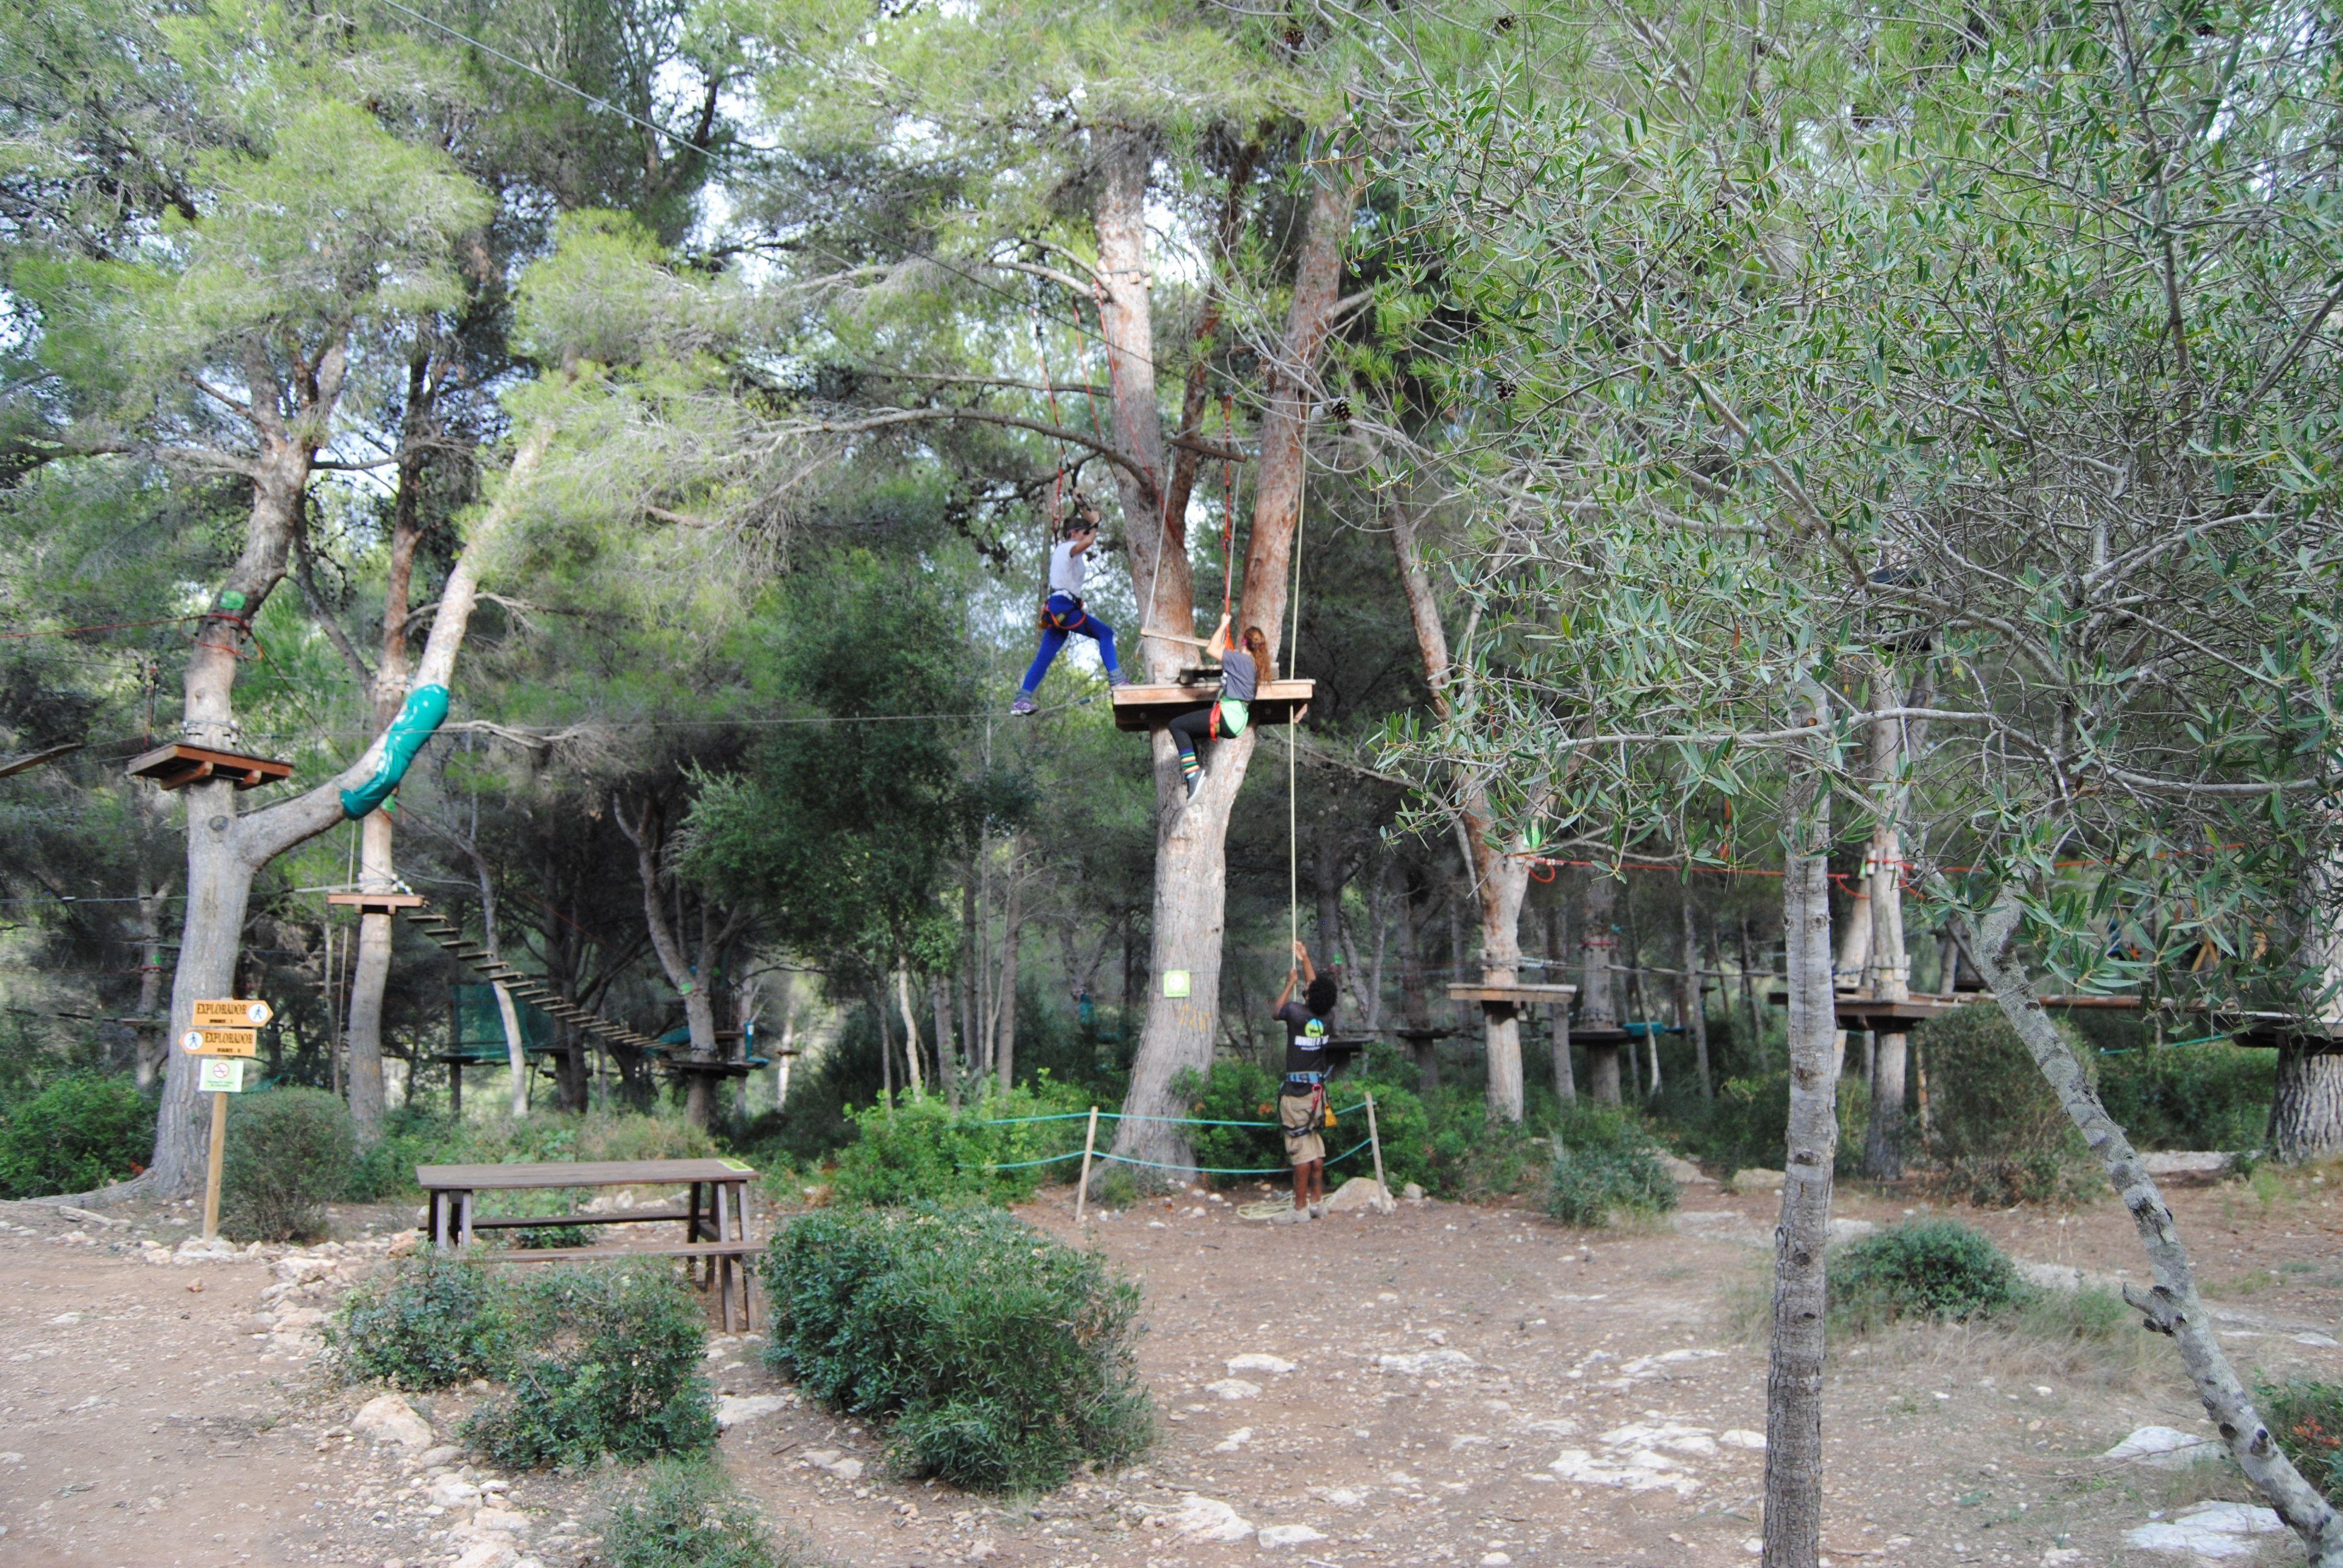 """Jungle Park-Santa ponsa- """"divertidas despedidas de solter@s"""""""